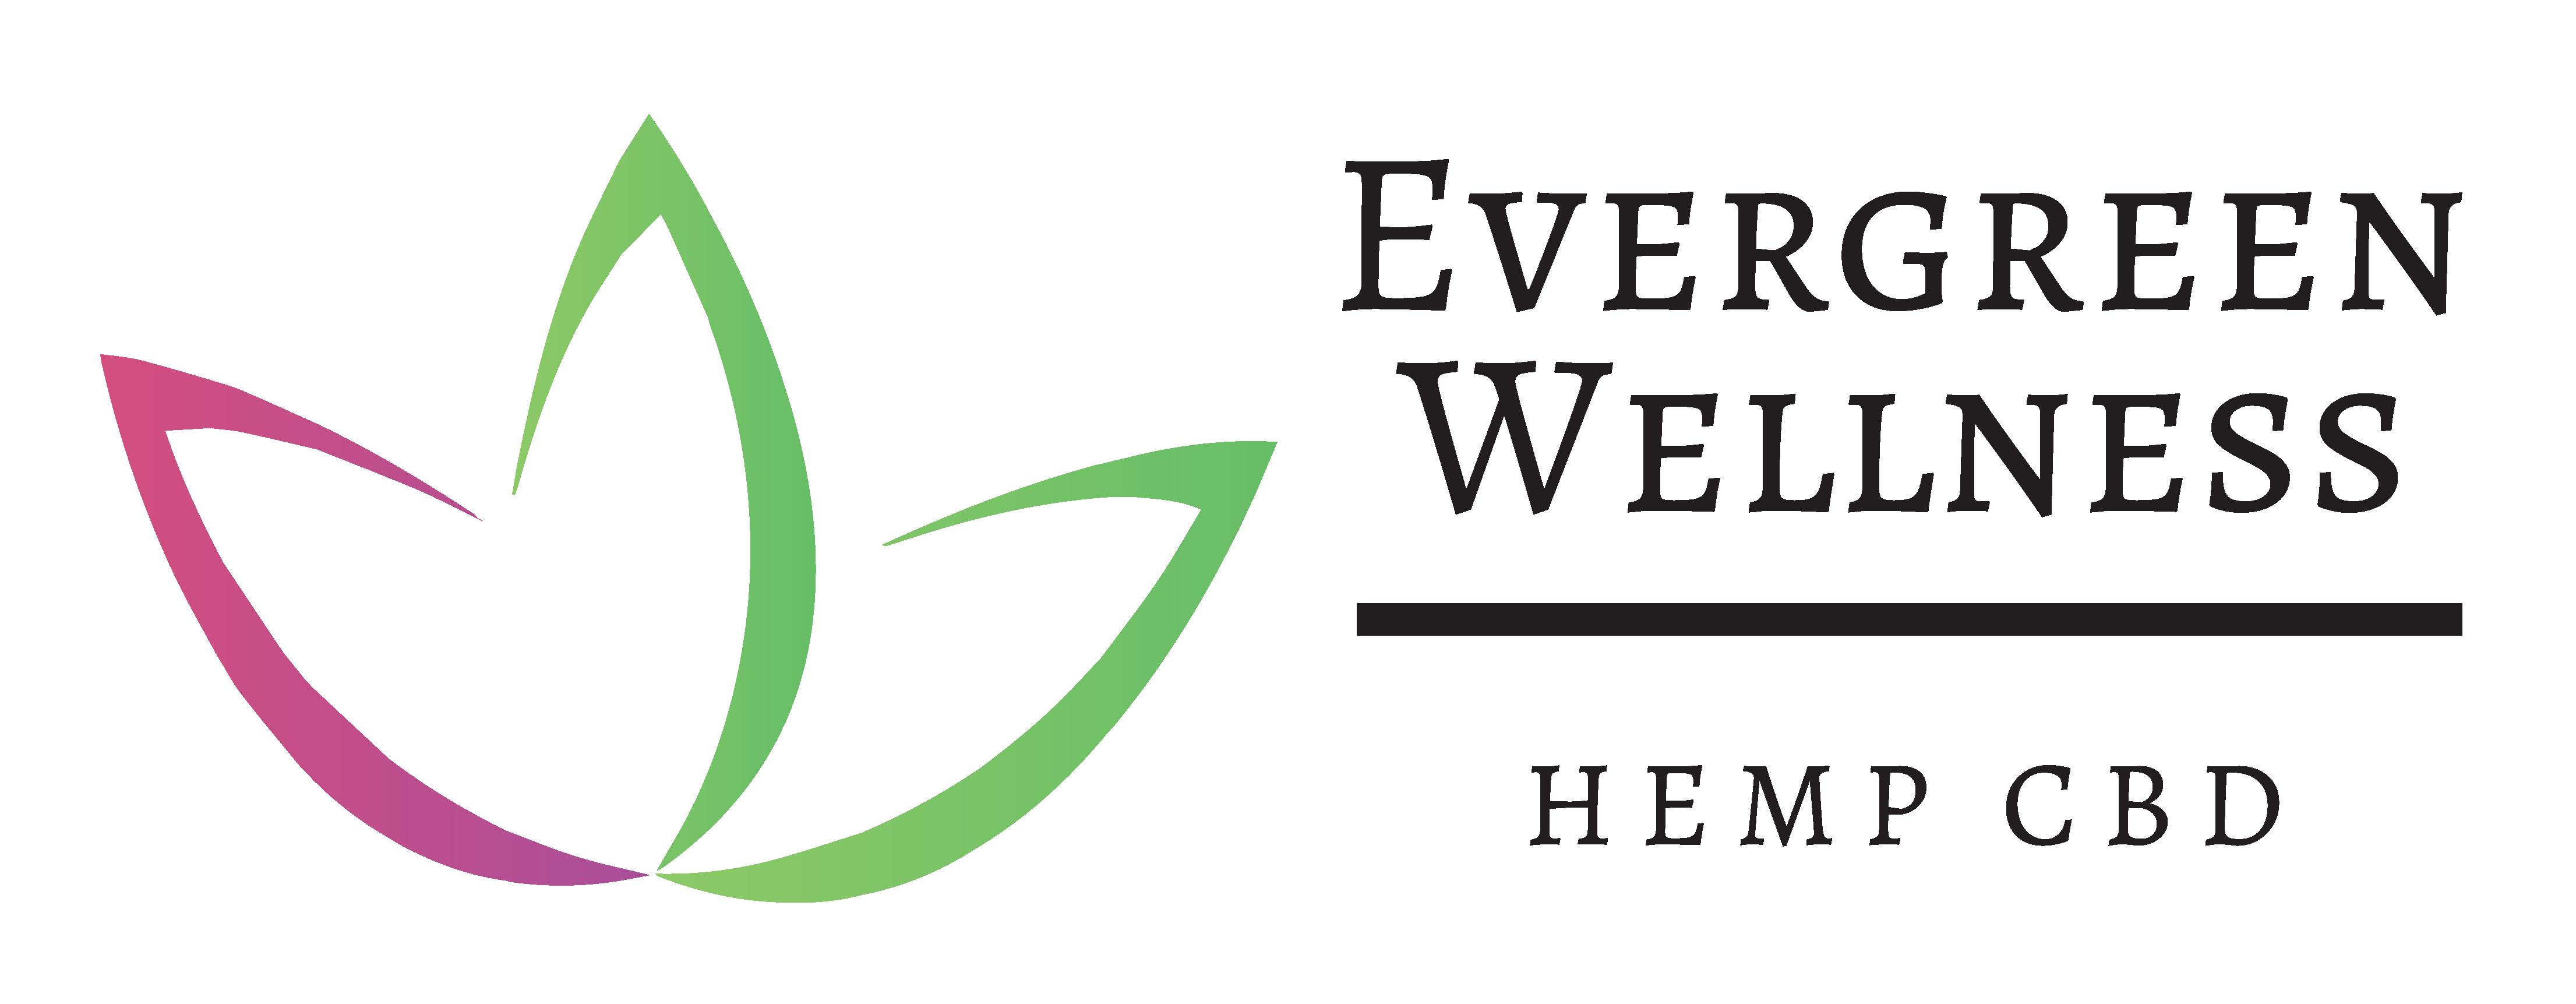 evergreen wellness logo